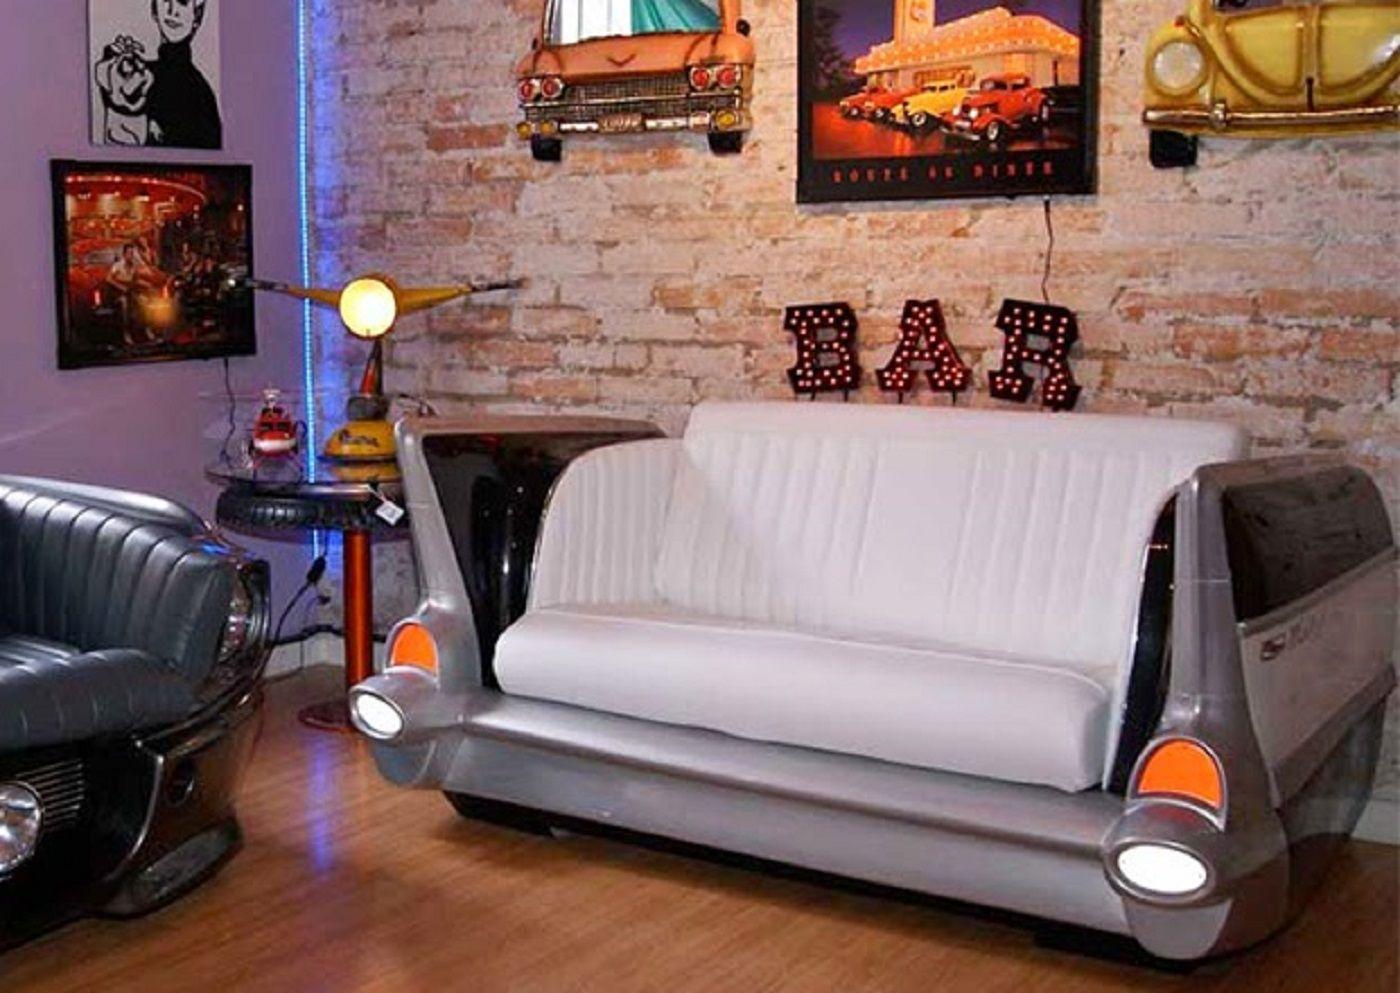 Para os amantes de carros e decoração, nada melhor que adquirir um sofá de carros antigos. http://www.devoltaaoretro.com.br/2014/12/sofas-feitos-com-partes-de-carros.html